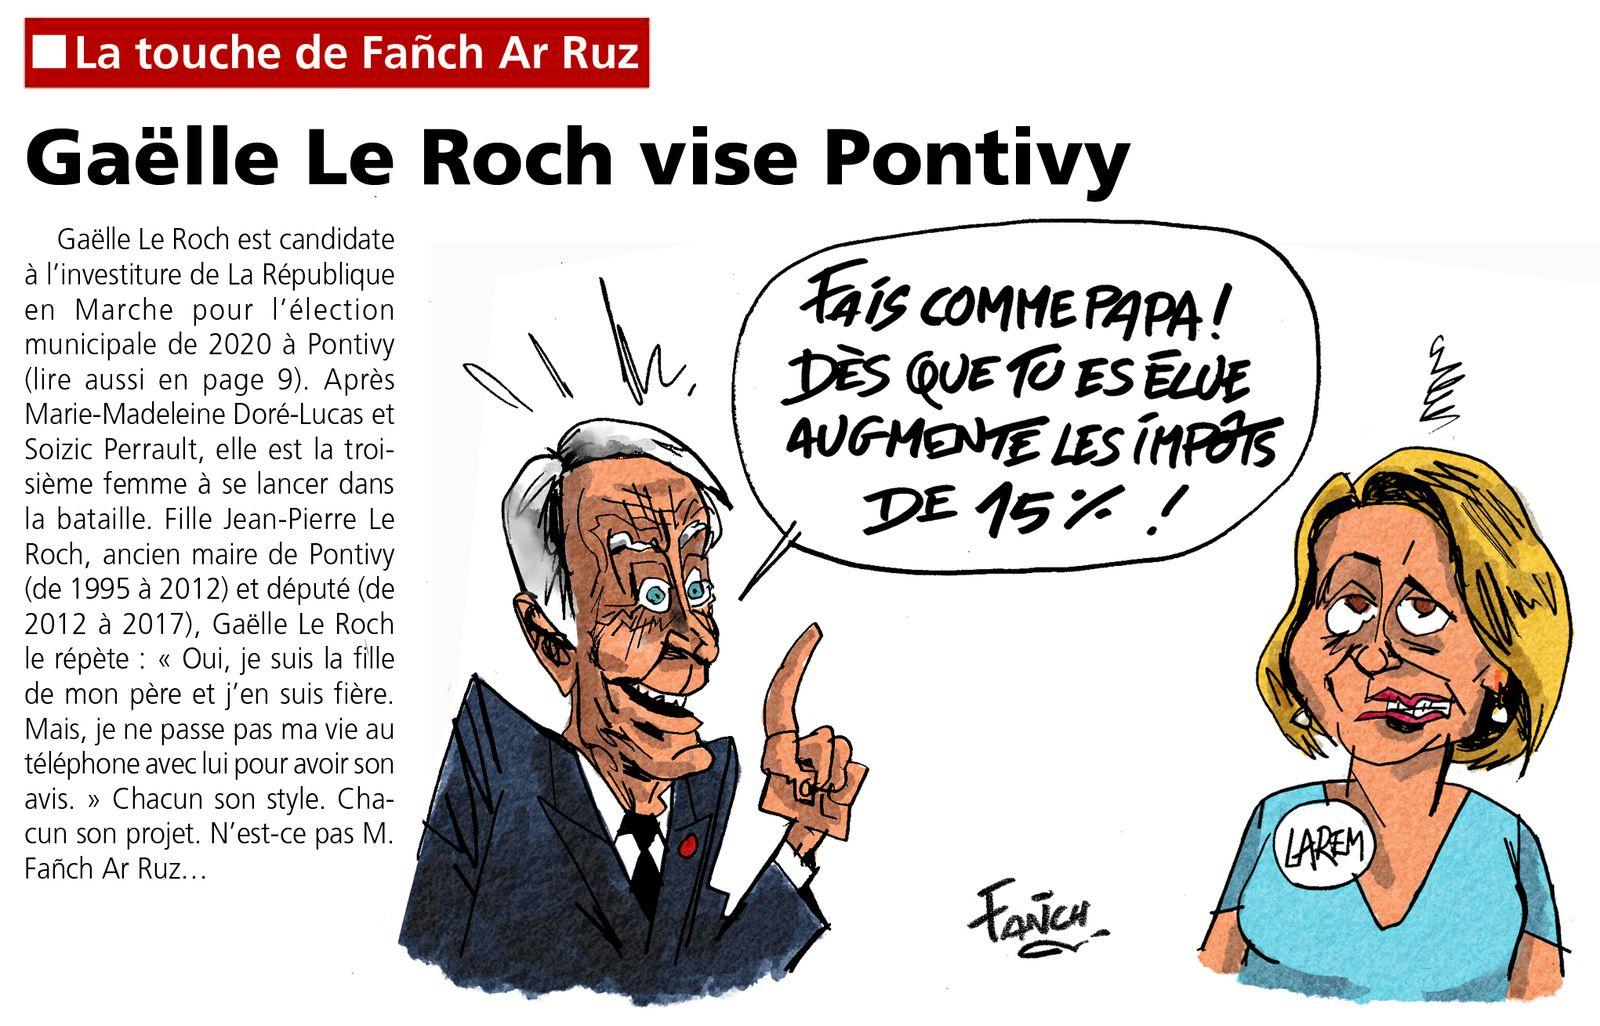 Gaëlle Le Roch vise Pontivy